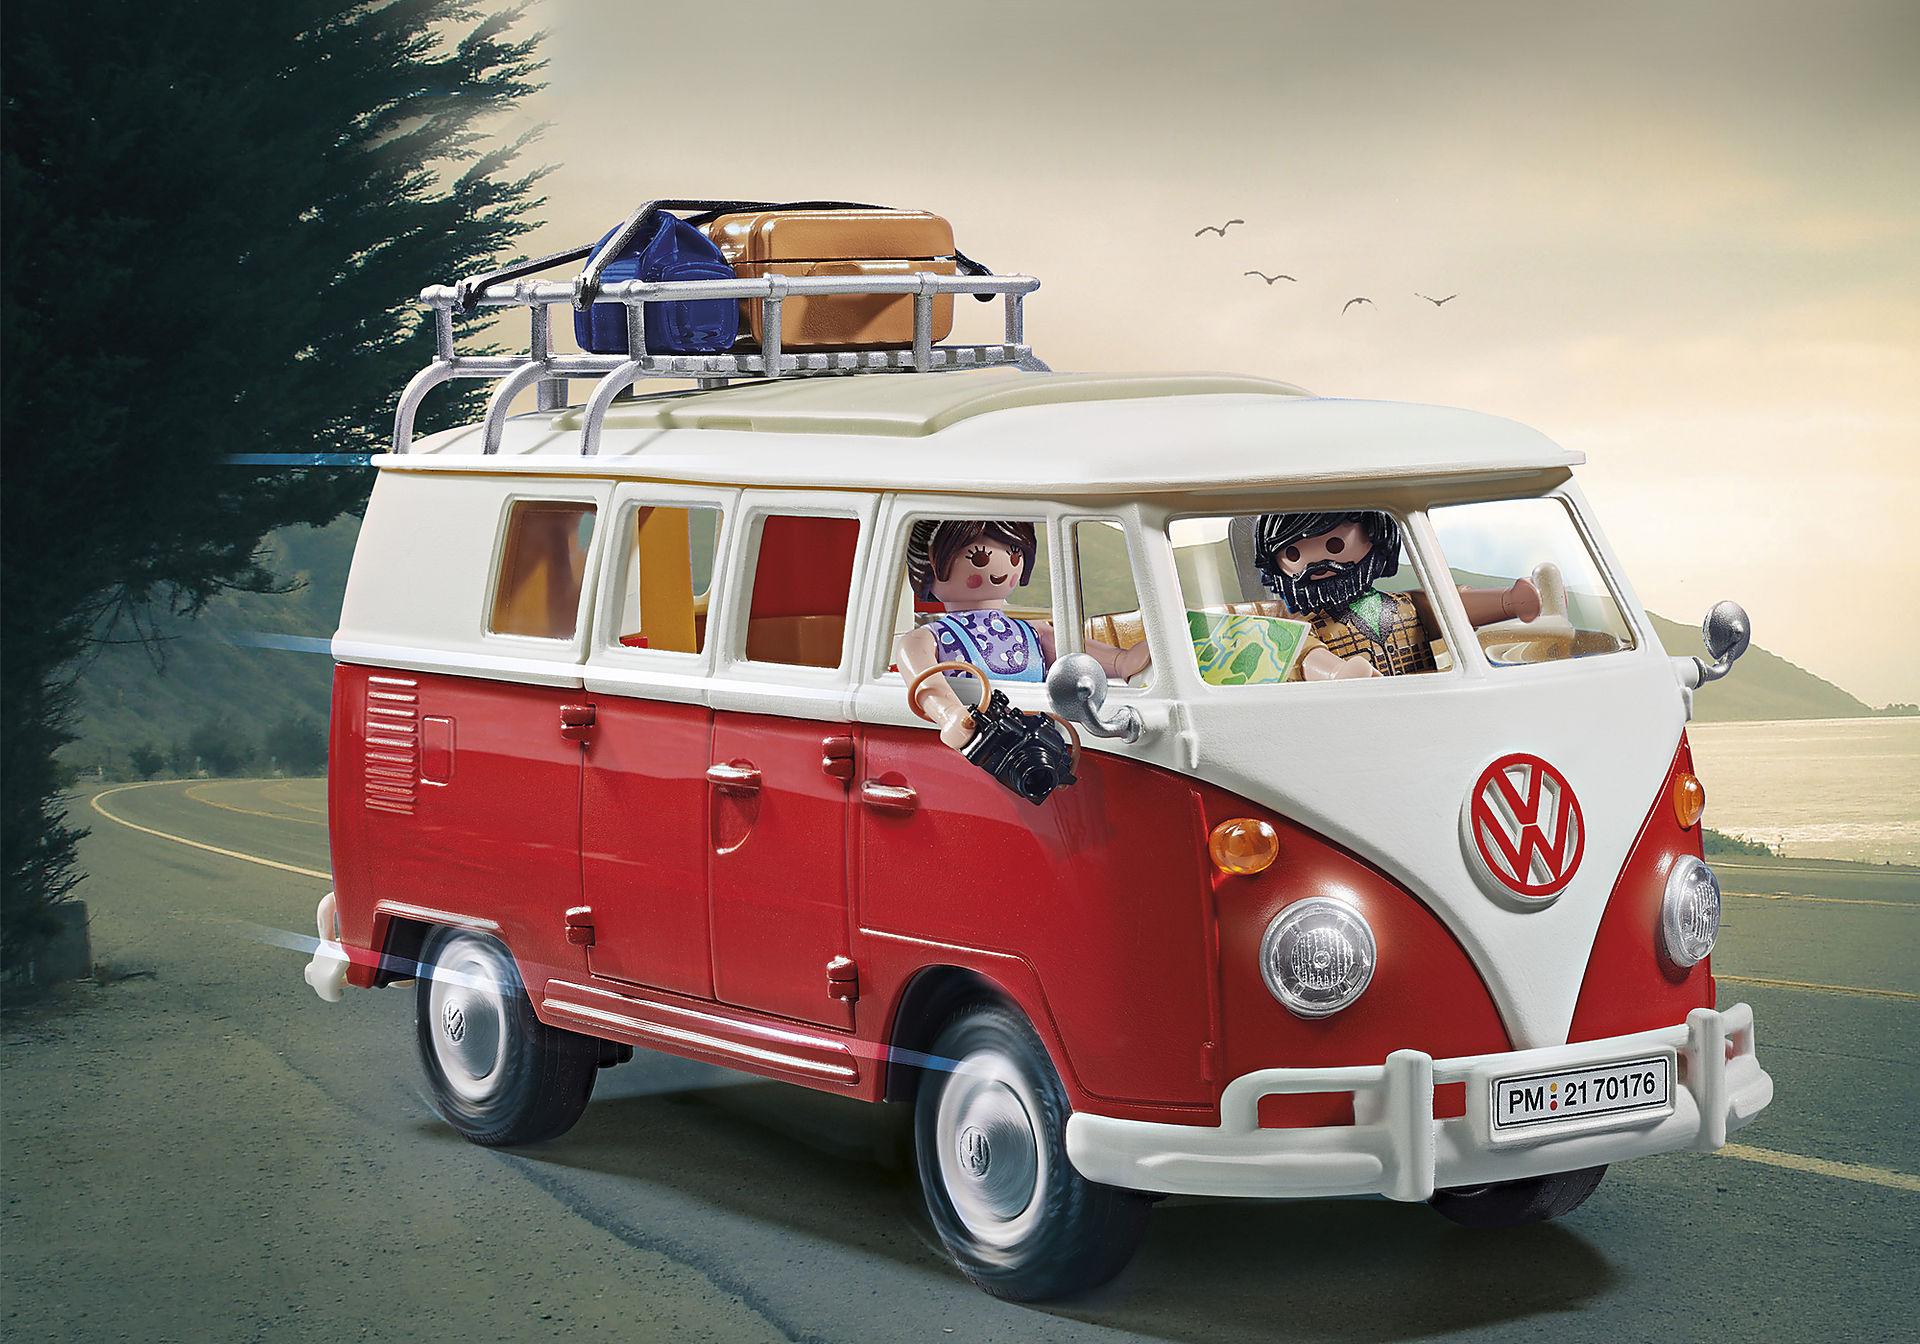 70176 Volkswagen T1 Camping Bus zoom image1